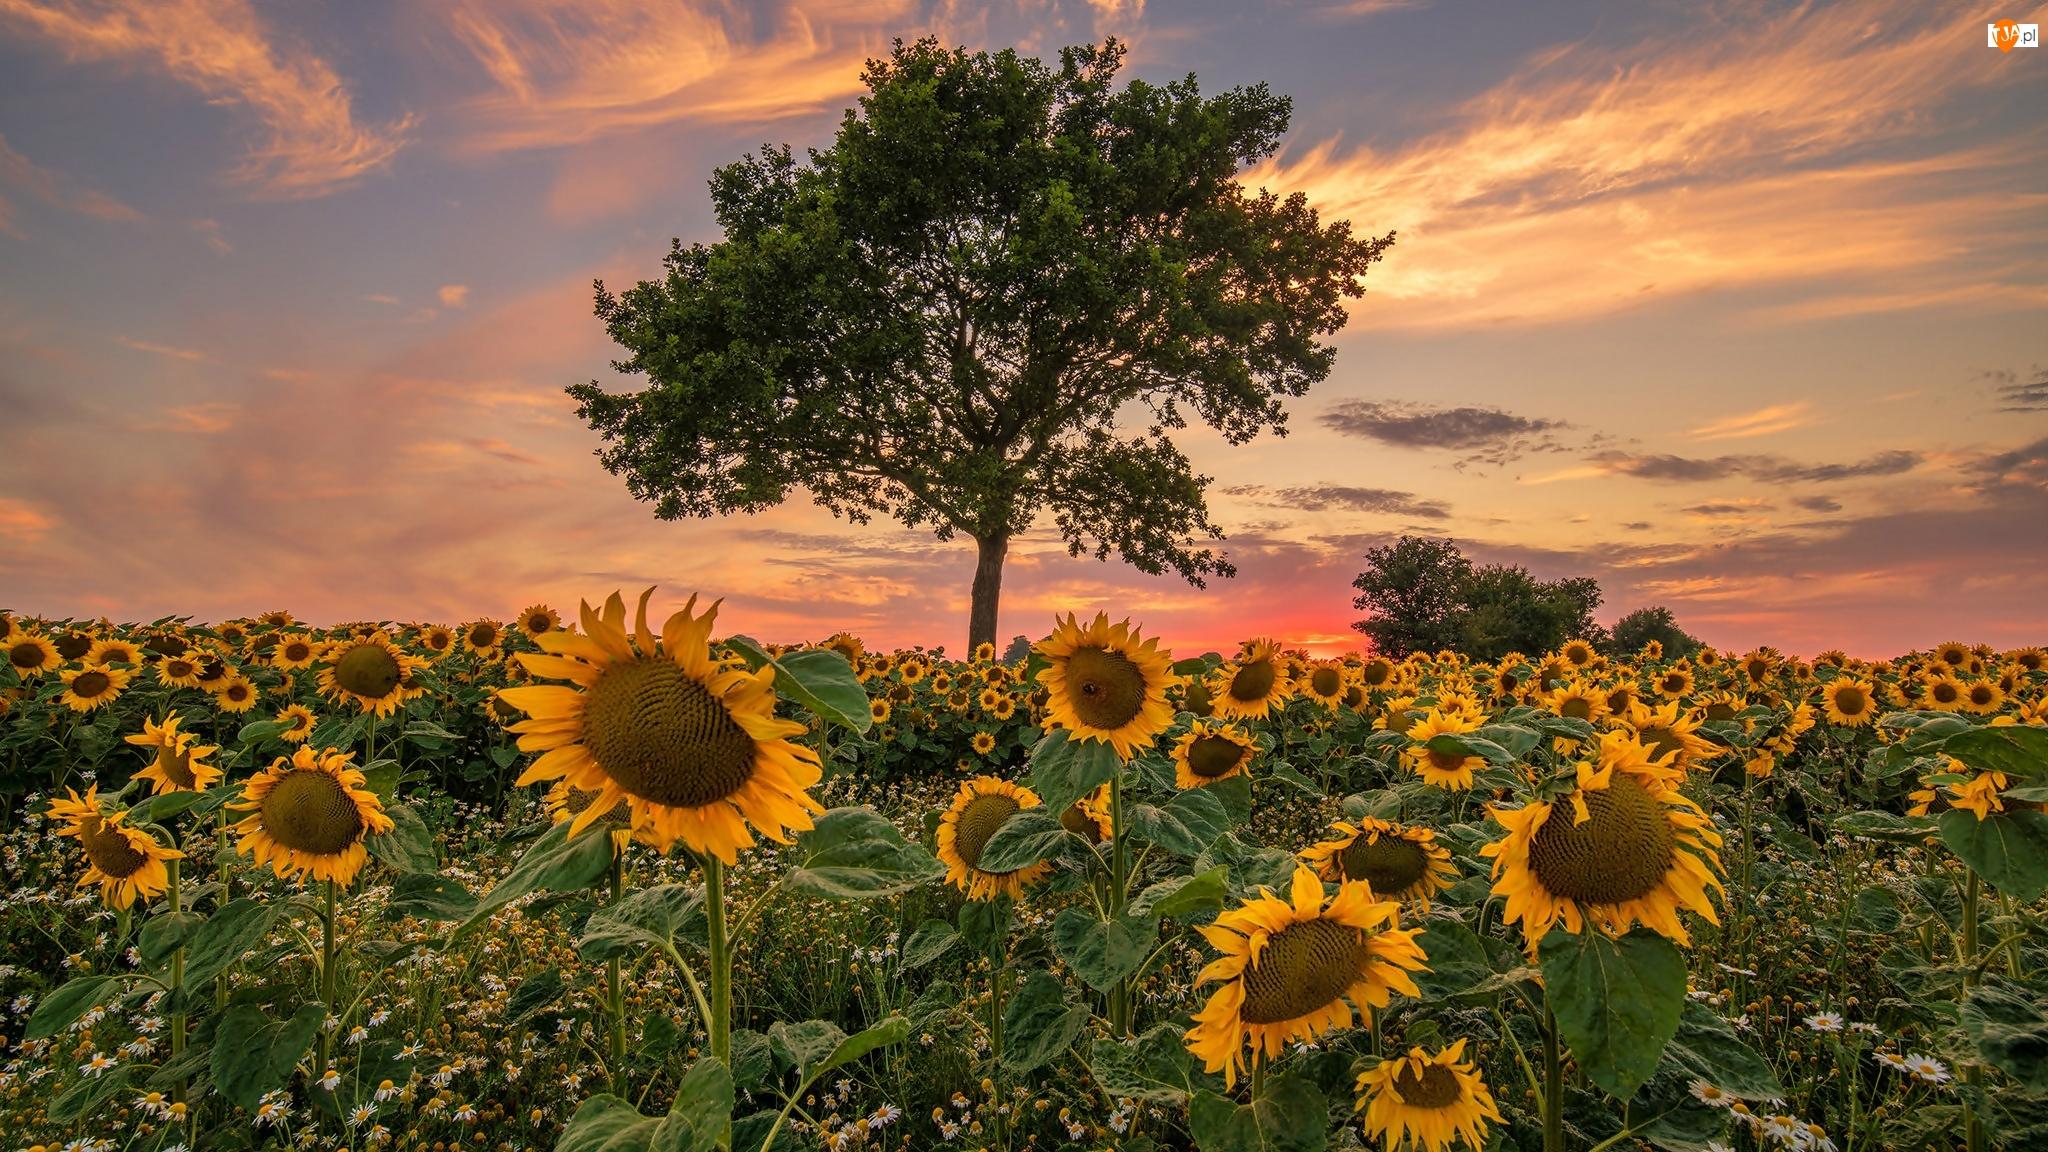 Zachód słońca, Słoneczniki, Pole, Drzewa